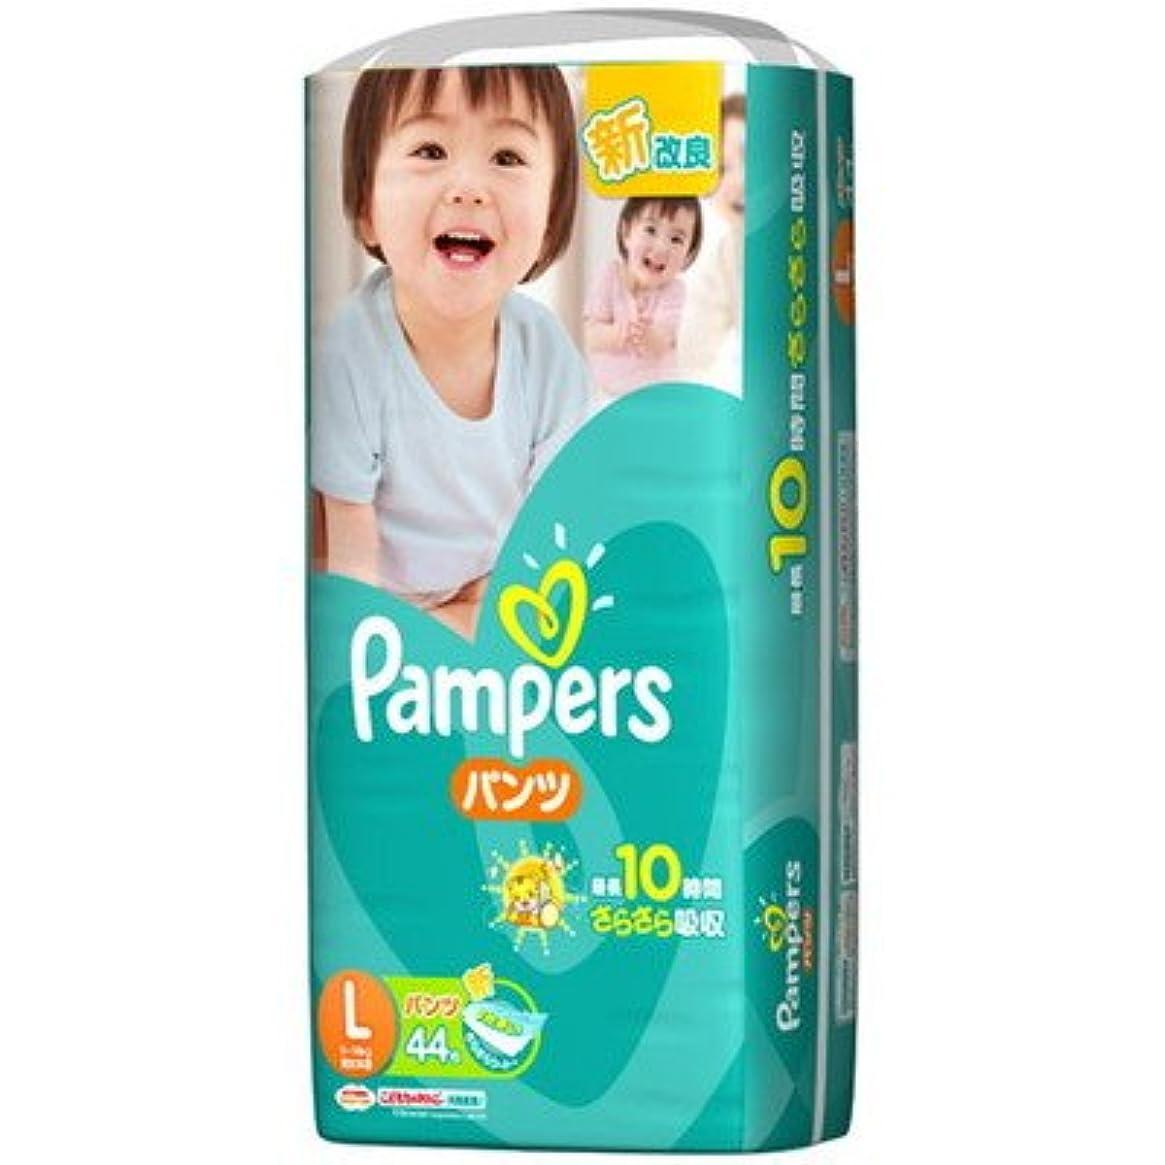 一掃する導出活気づける《ケース》 P&G パンパース さらさらケア パンツ スーパージャンボ Lサイズ 9~14kg 男女共用 (44枚)×4個 パンツタイプおむつ 【P&G】